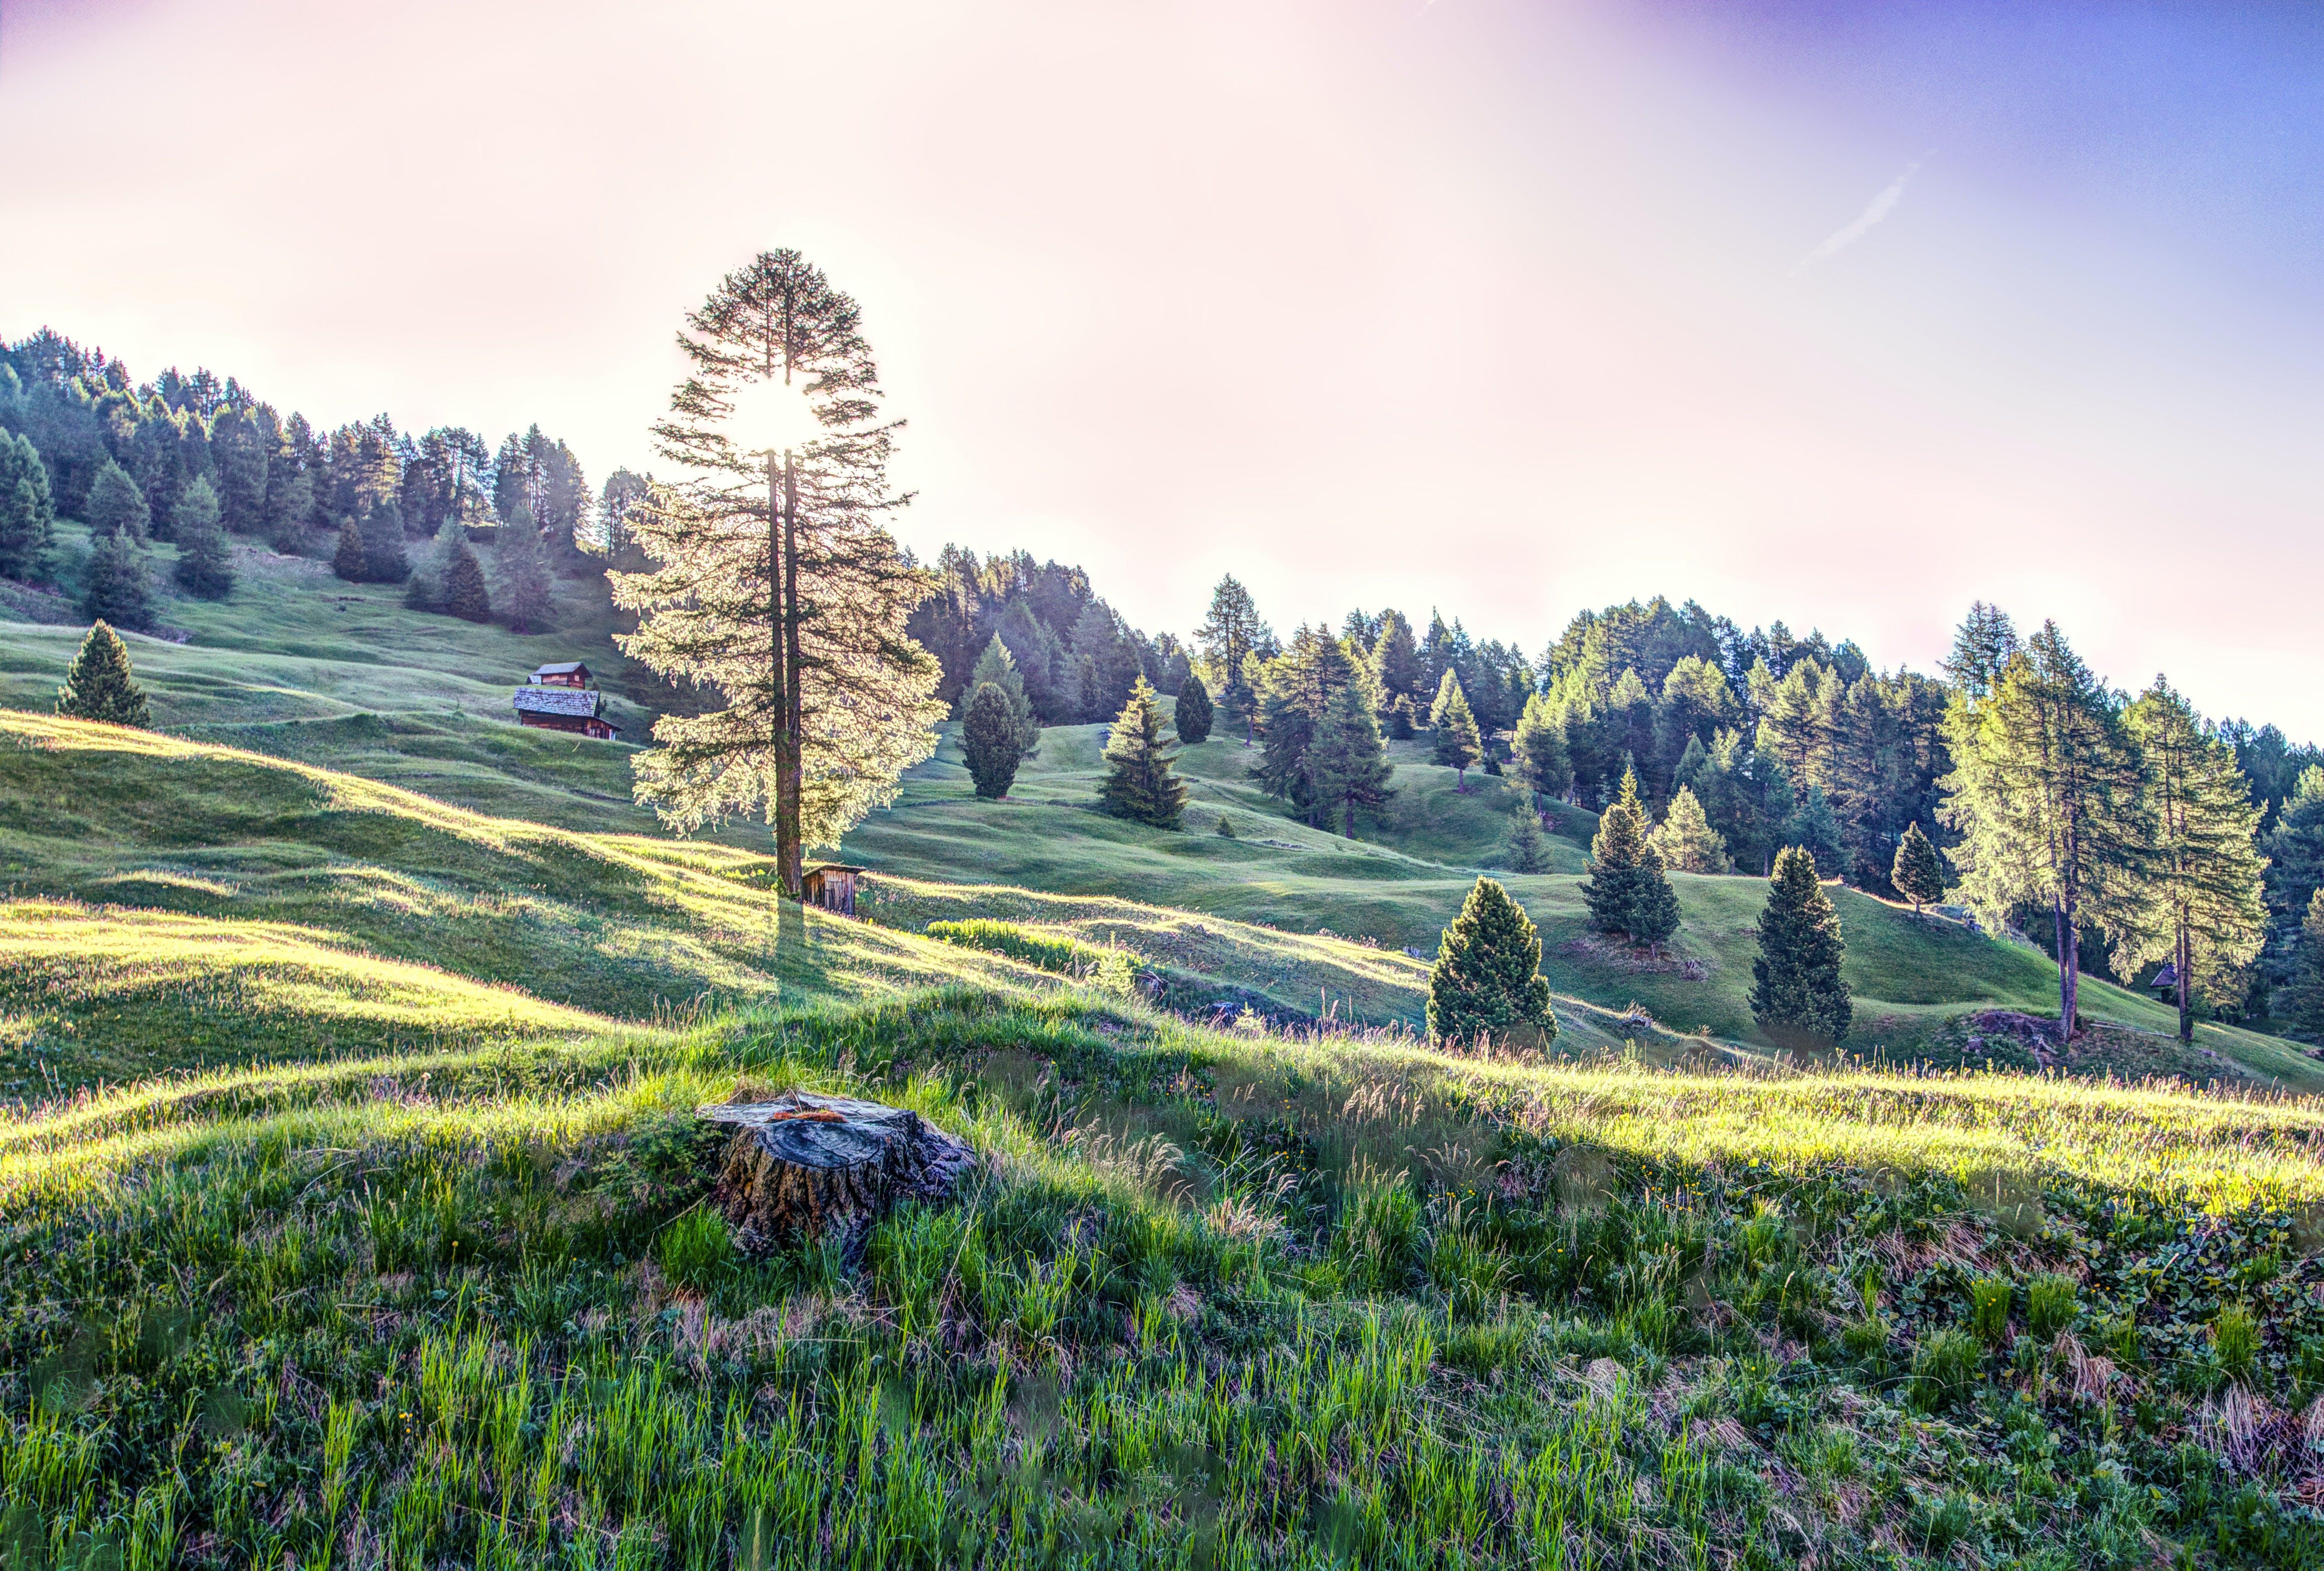 Ảnh lưu trữ miễn phí về ánh sáng ban ngày, cánh đồng, cây, cỏ